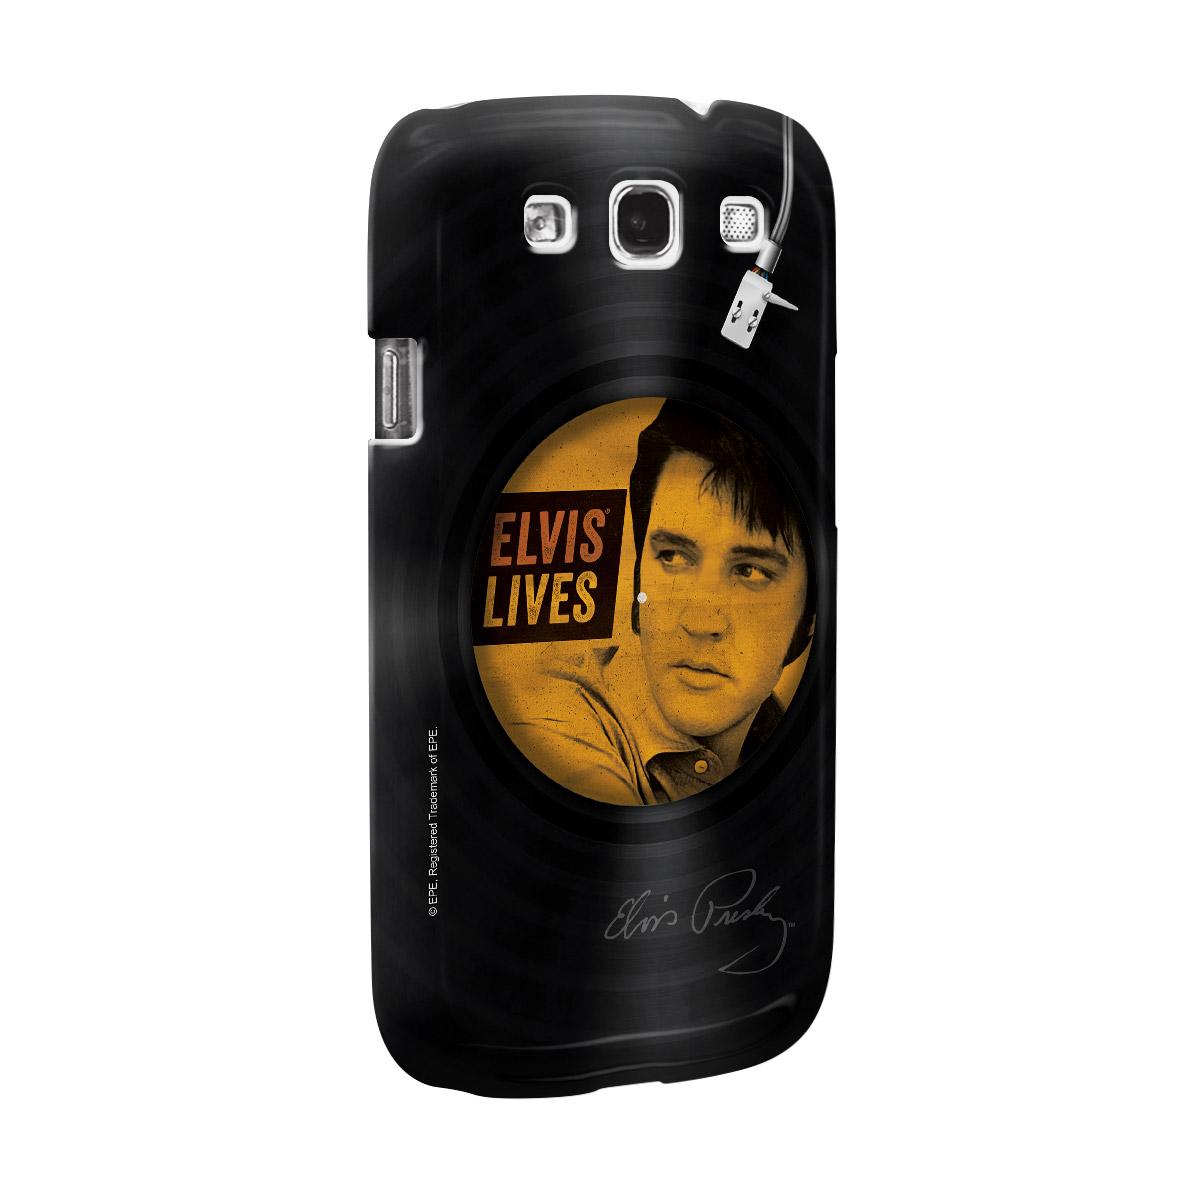 Capa de Celular Samsung Galaxy S3 Elvis Lives Vinyl